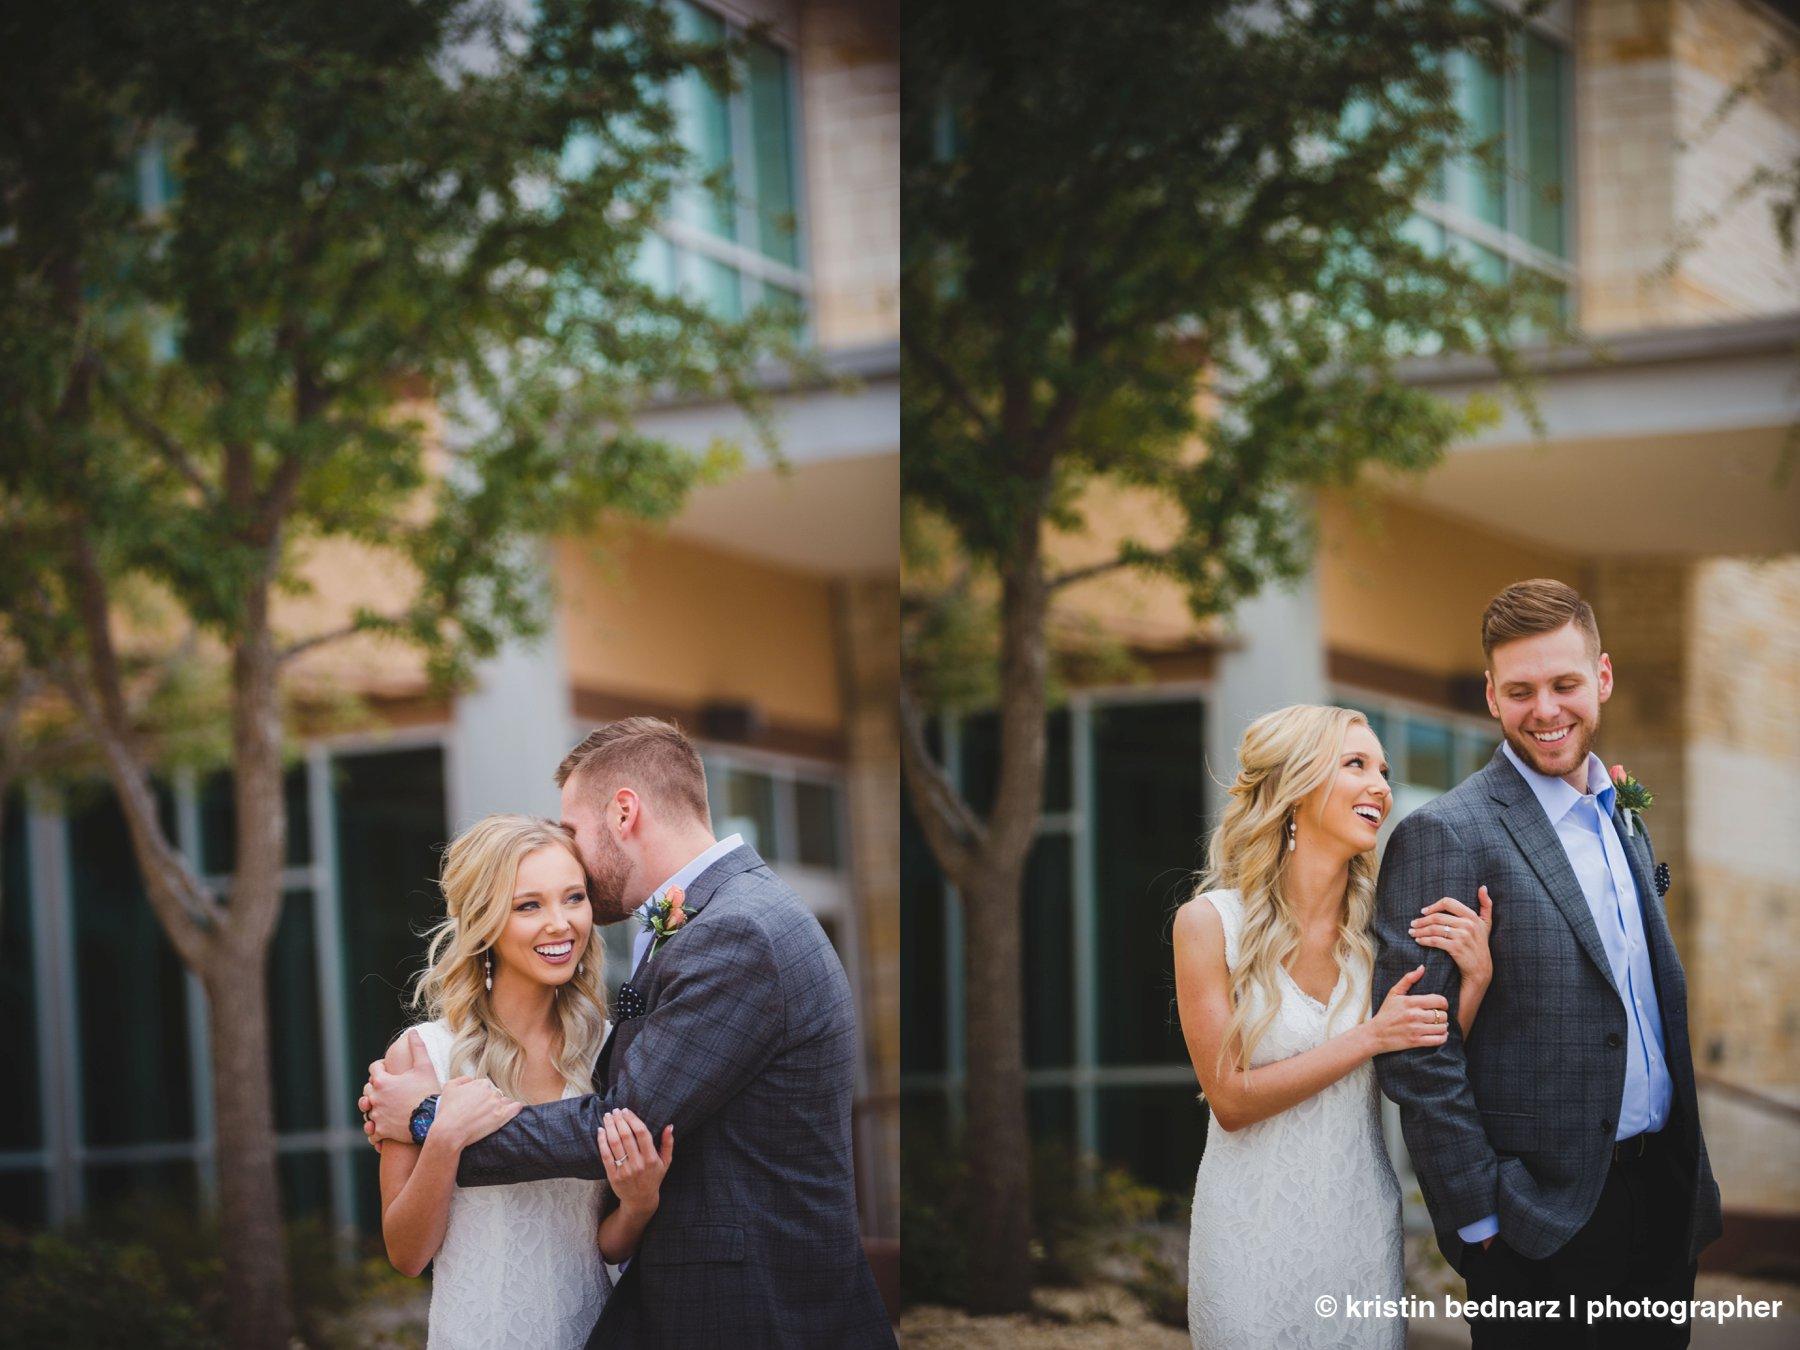 kristin_bednarz_wedding_photographer_20190214_00060sneak_peek.JPG